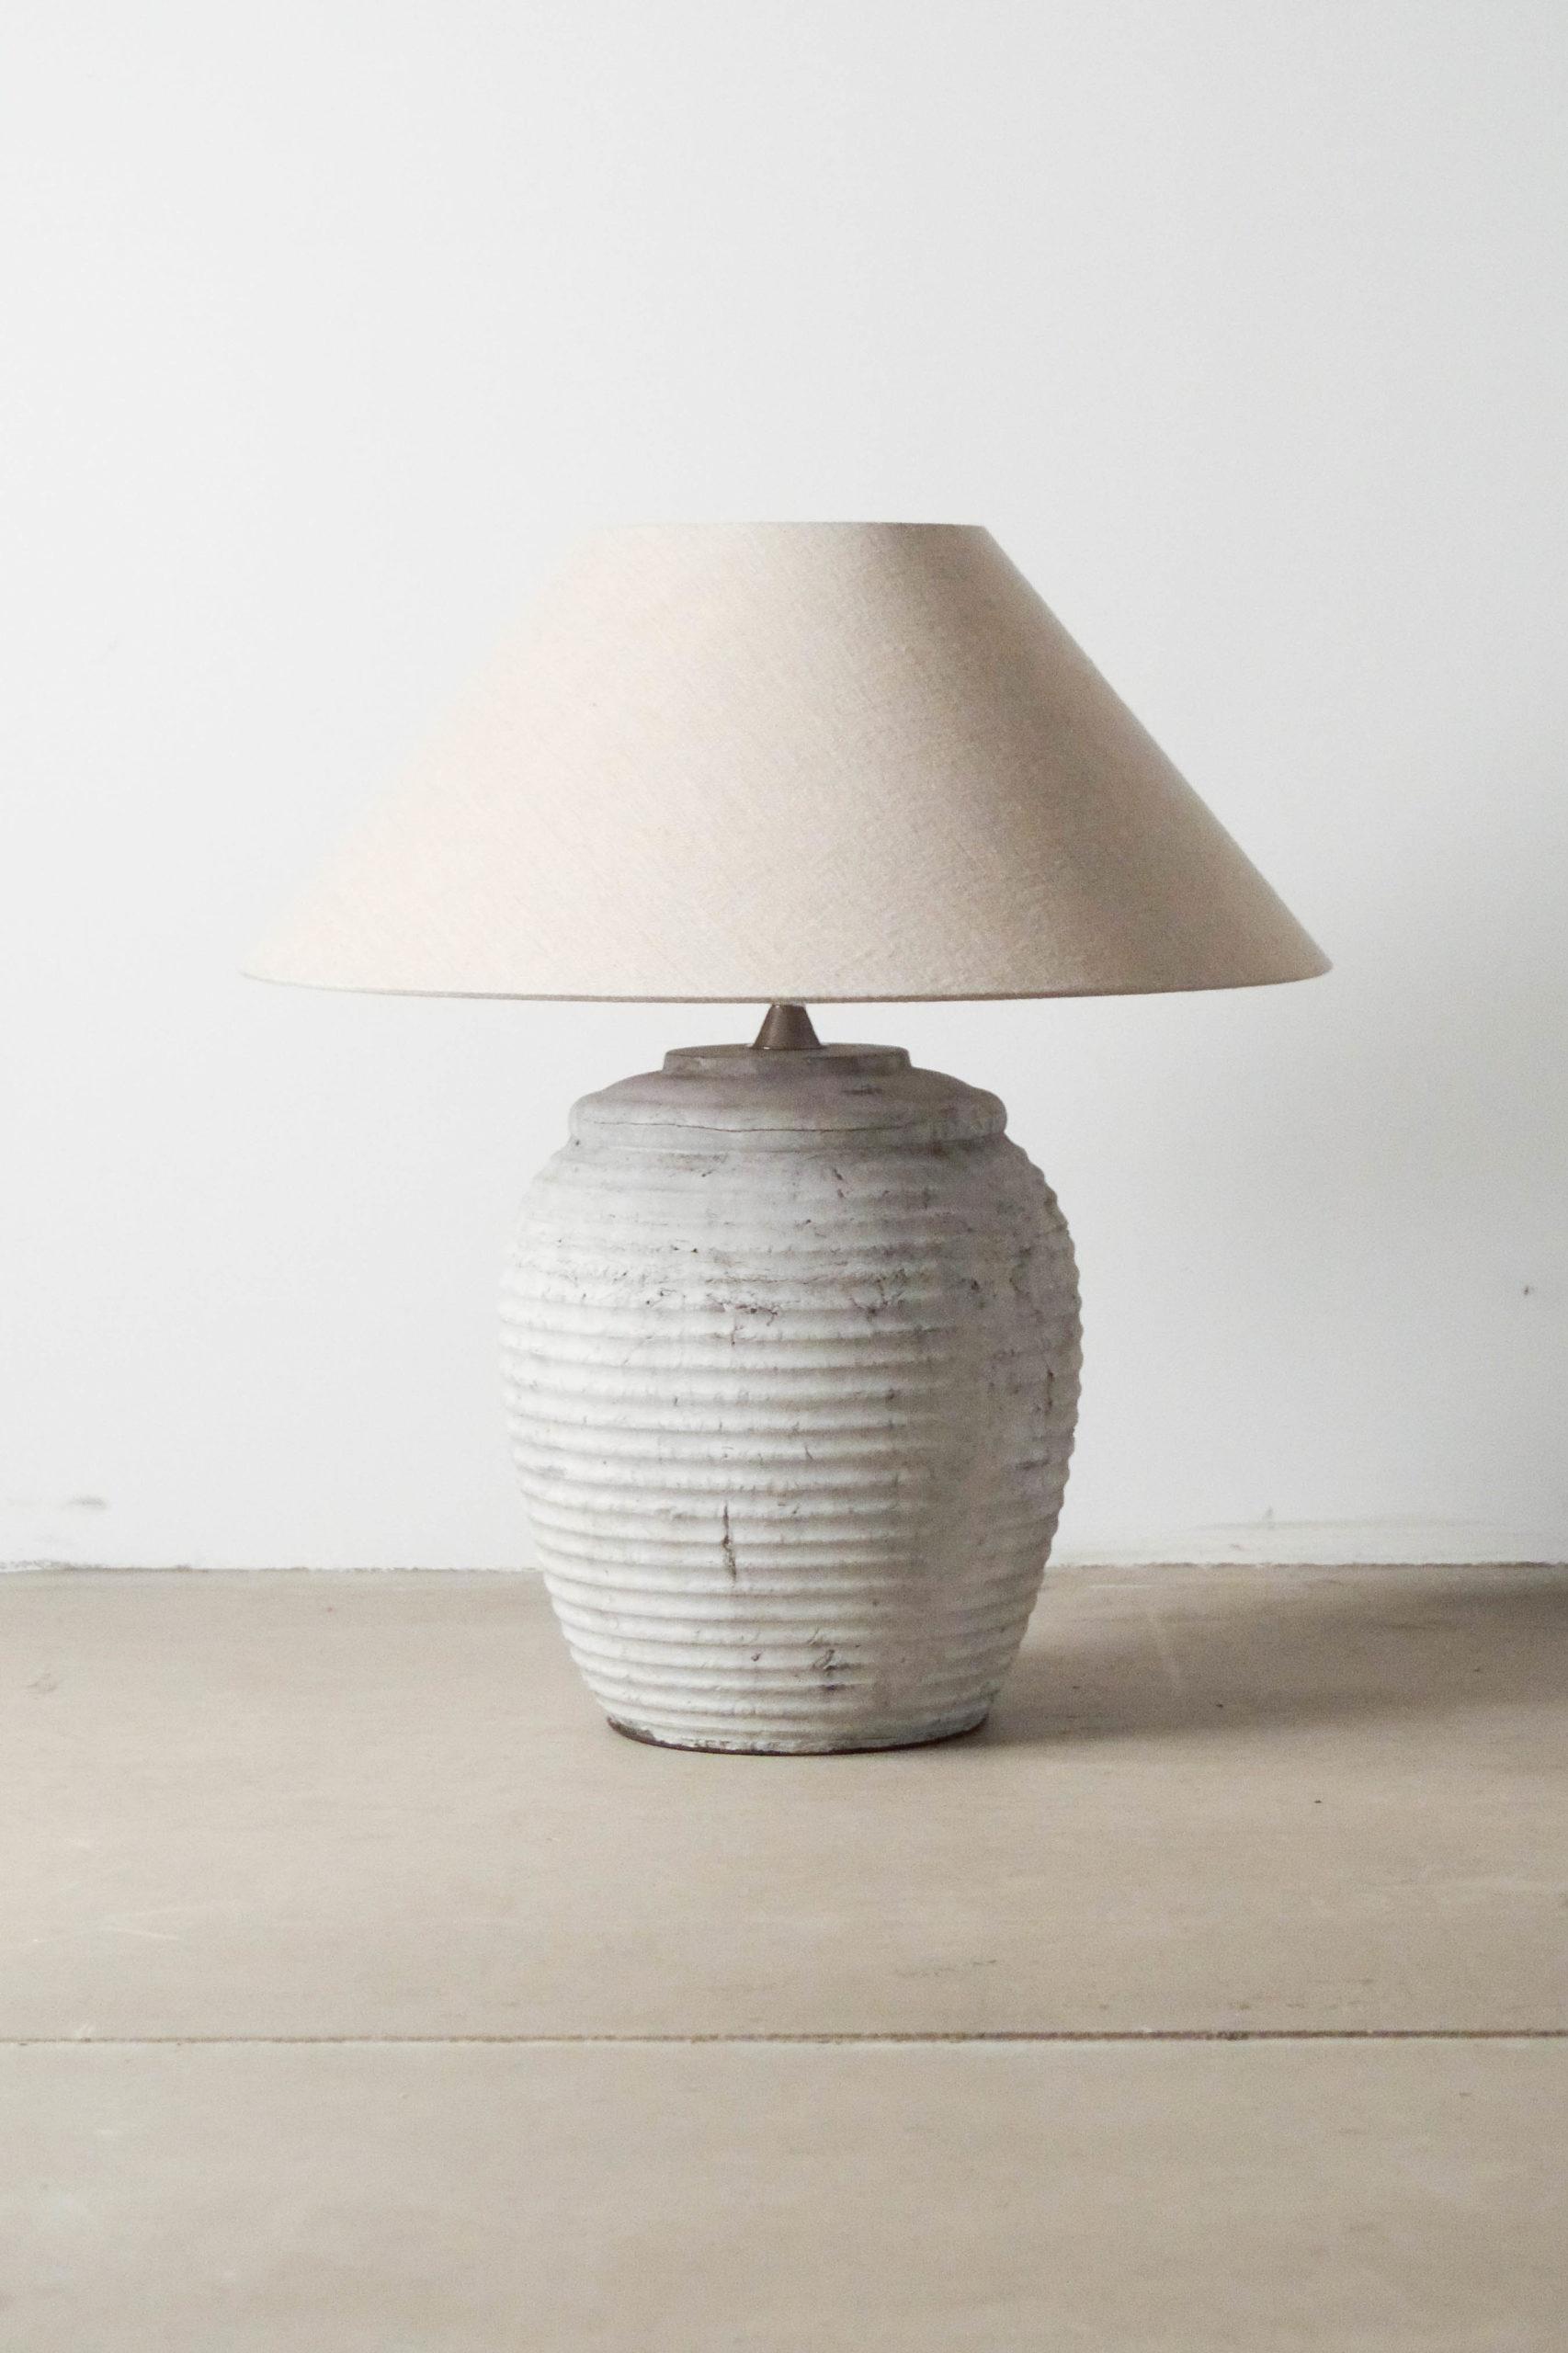 lampara ceramica hecha a mano terracota salon lamparita barro